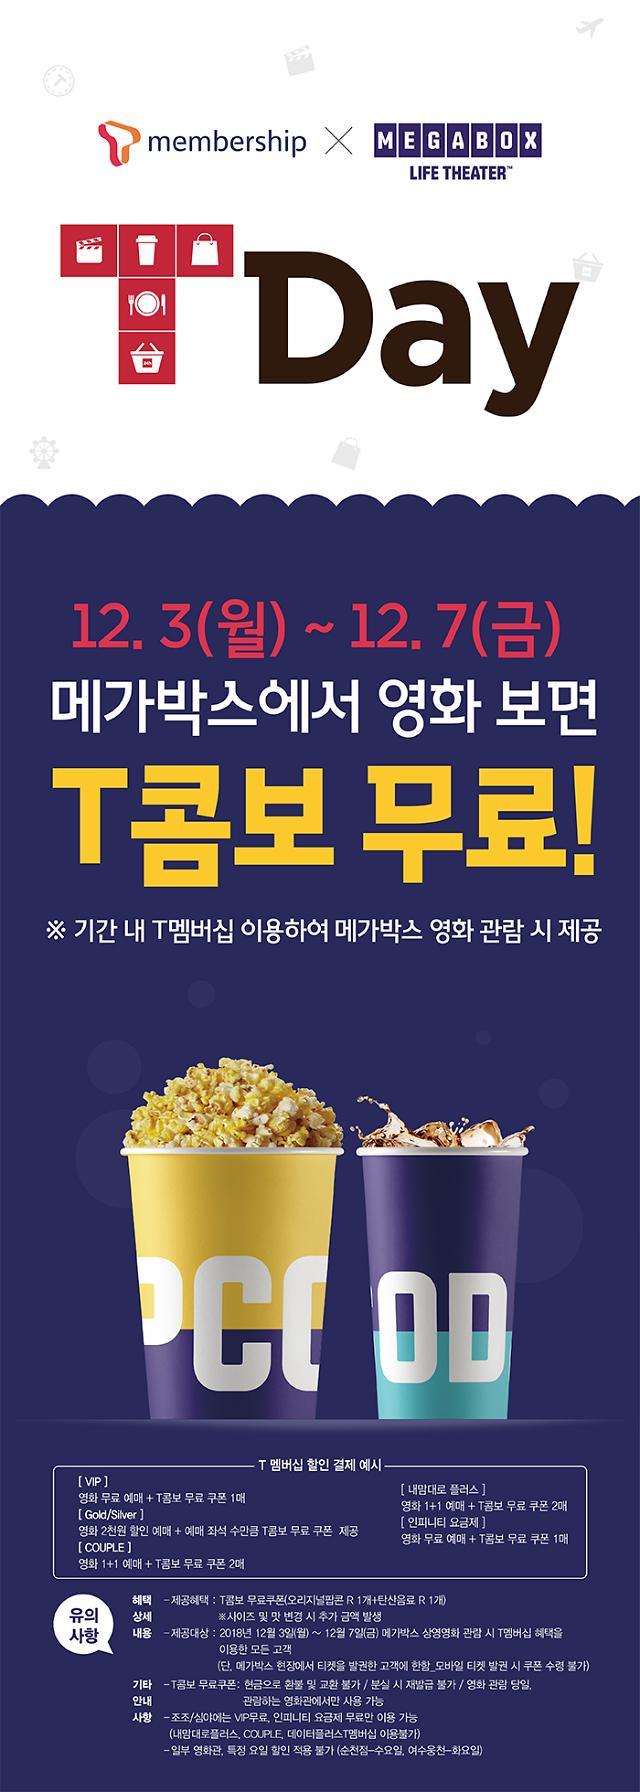 [영화가 소식] 메가박스와 SK텔레콤이 만나면? 12월 첫째주 할인 이벤트 팡팡